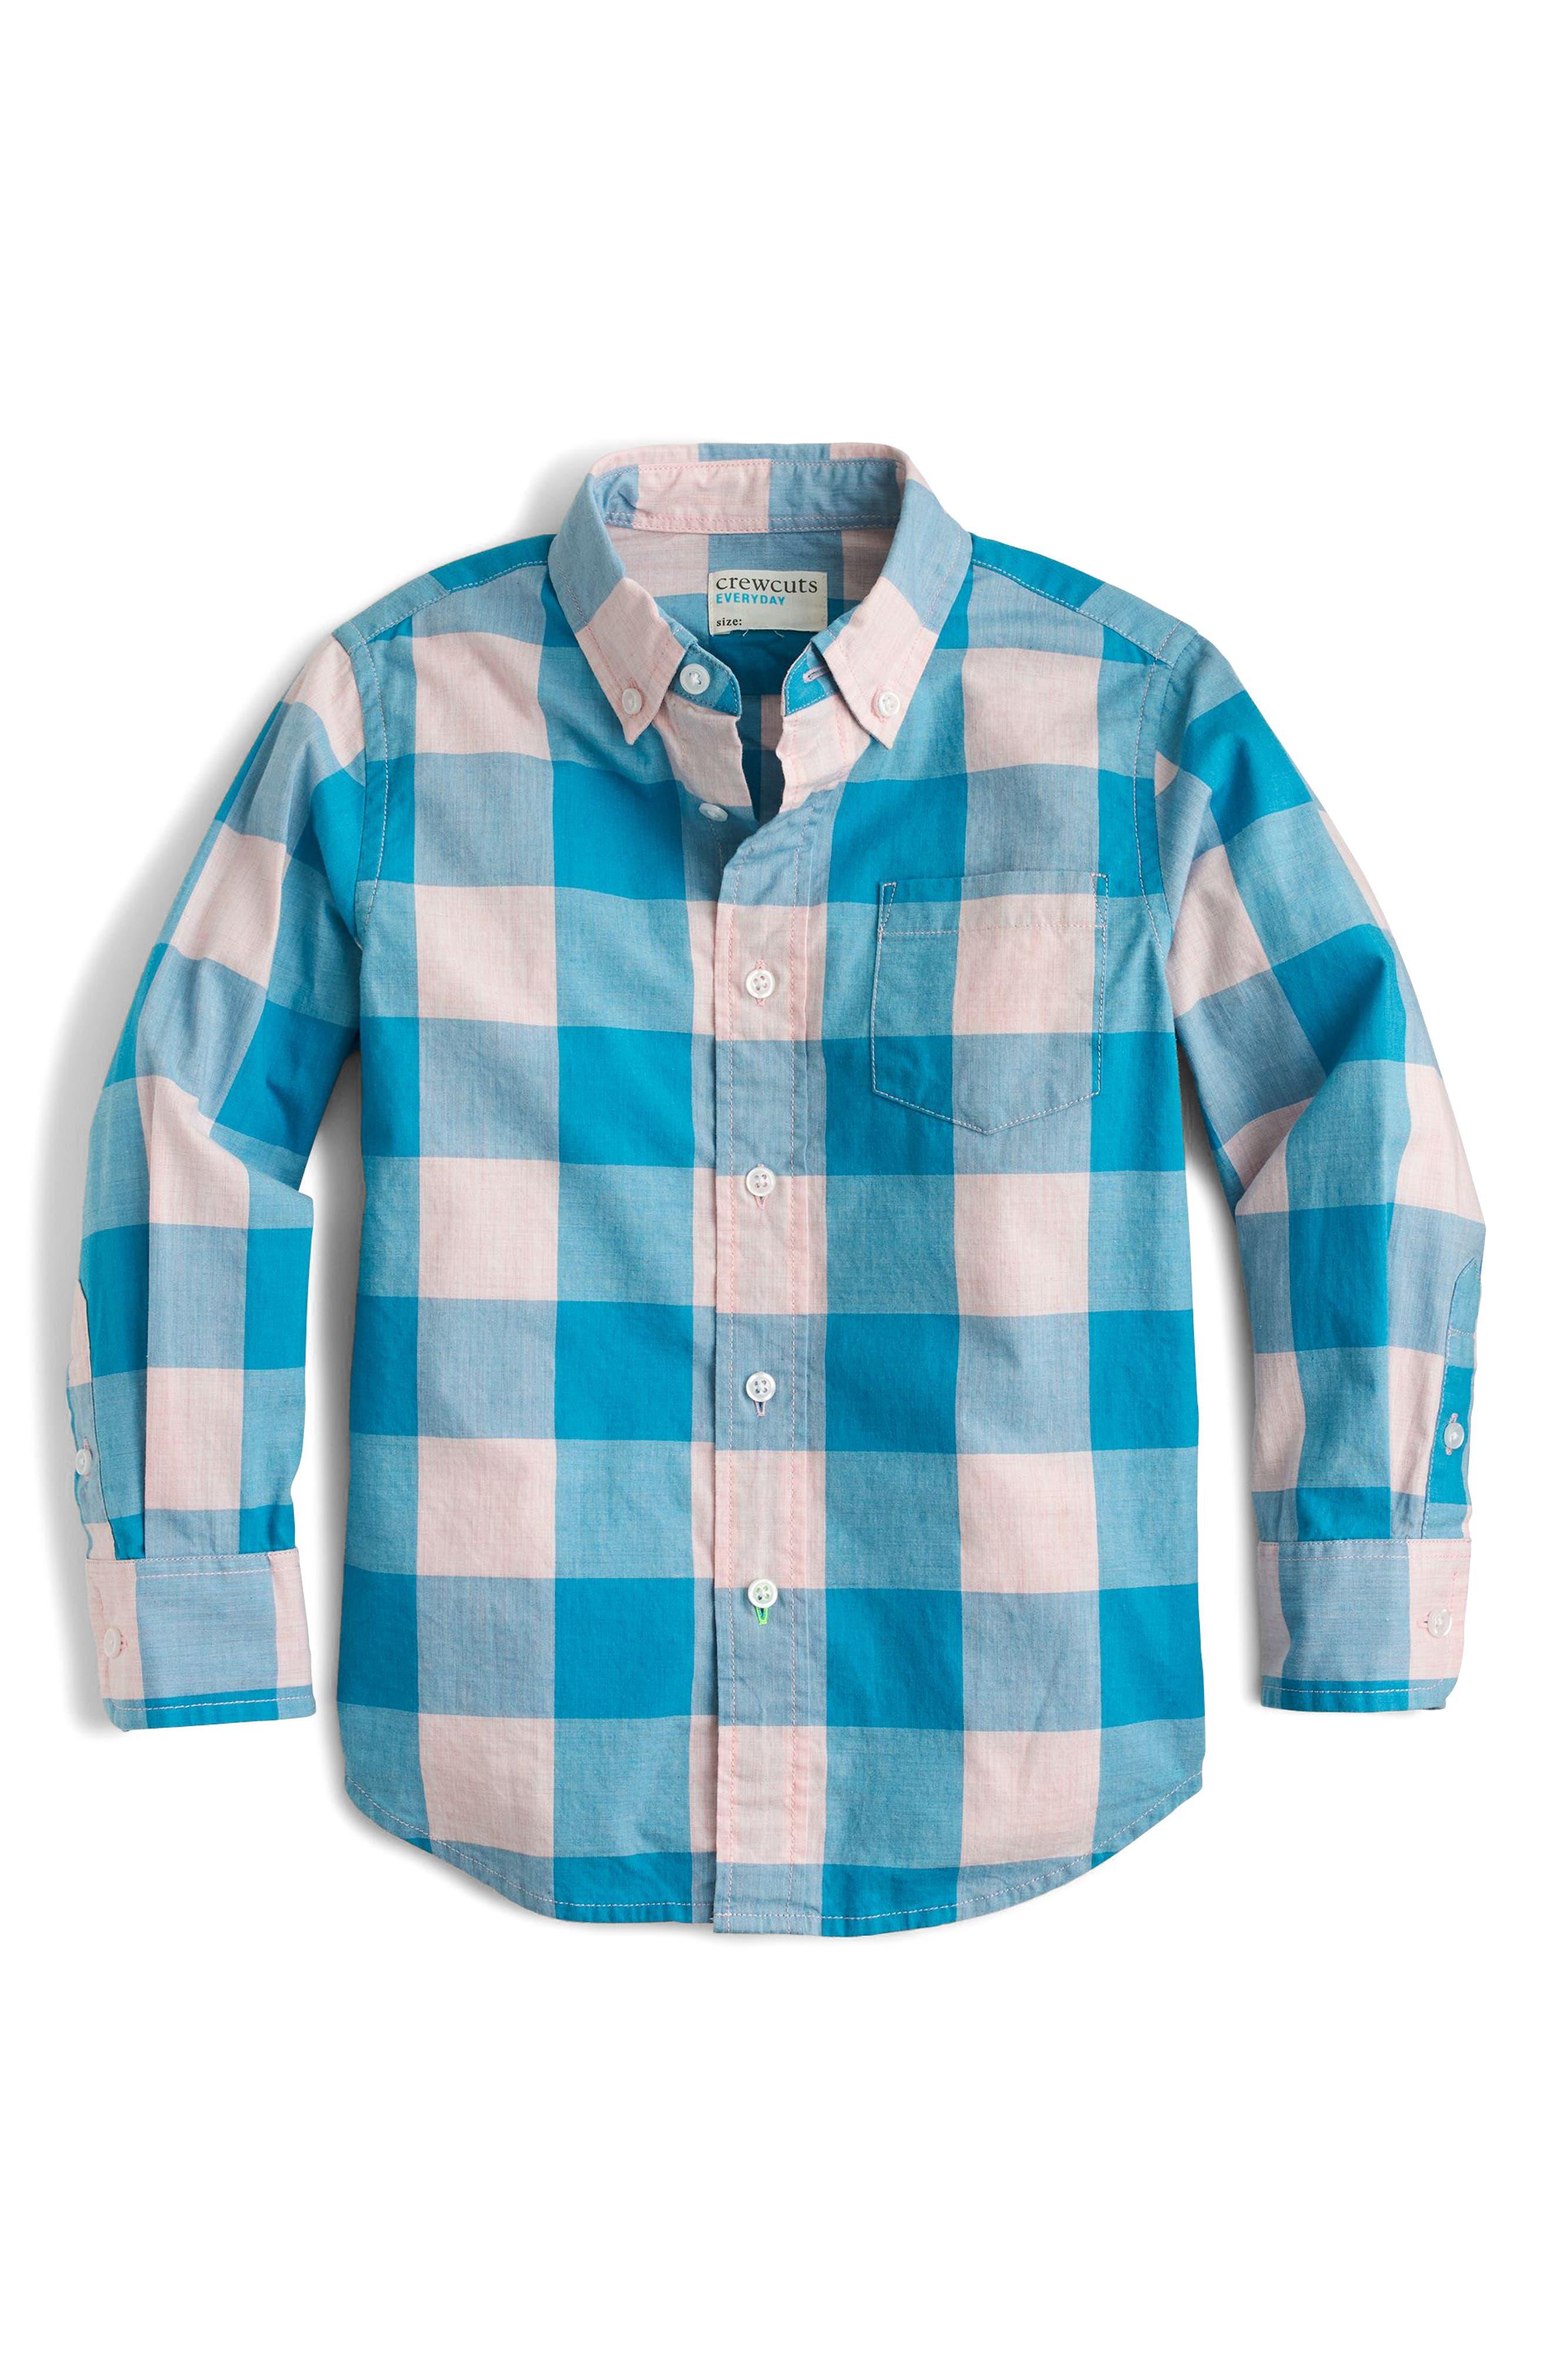 Secret Wash Buffalo Check Woven Shirt,                             Main thumbnail 1, color,                             400